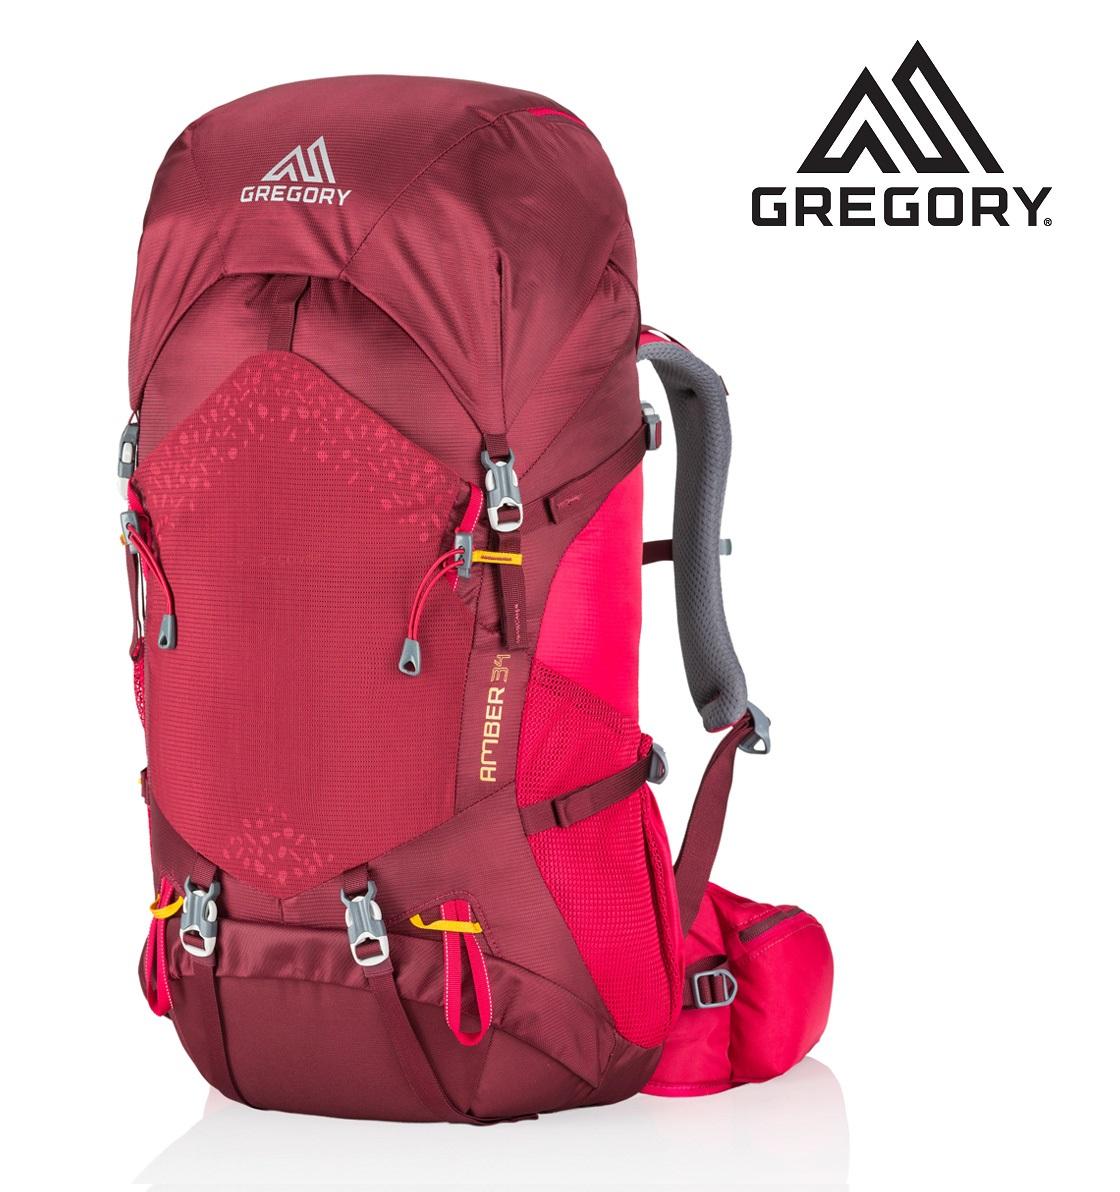 GREGORY (グレゴリー) レディース アンバー34/AMBER34/ザック/リュック/登山/アウトドア